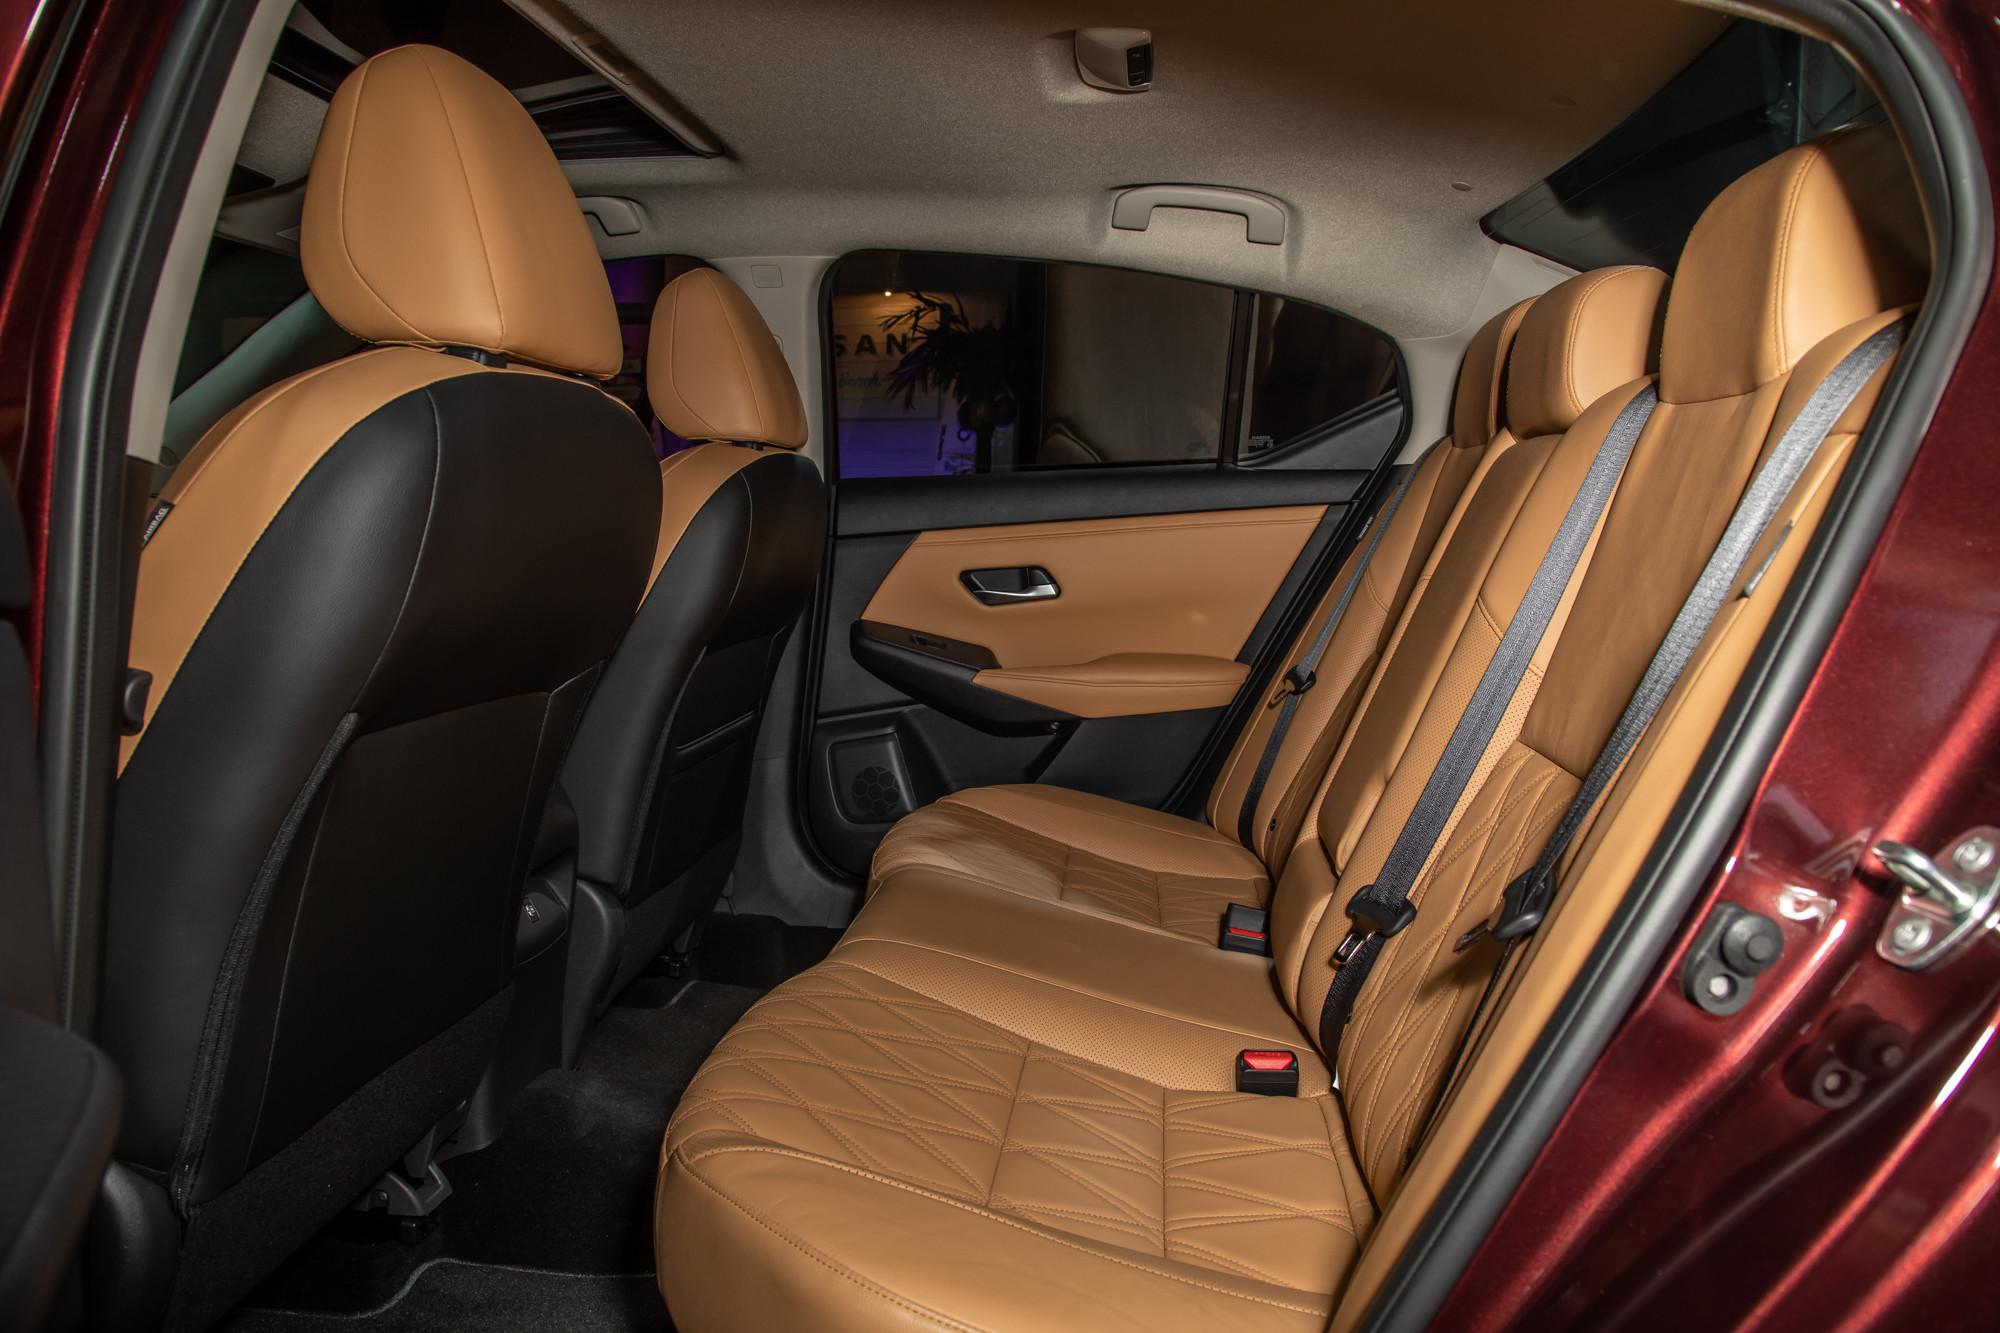 nissan-sentra-2020-cl-35-backseat.jpg